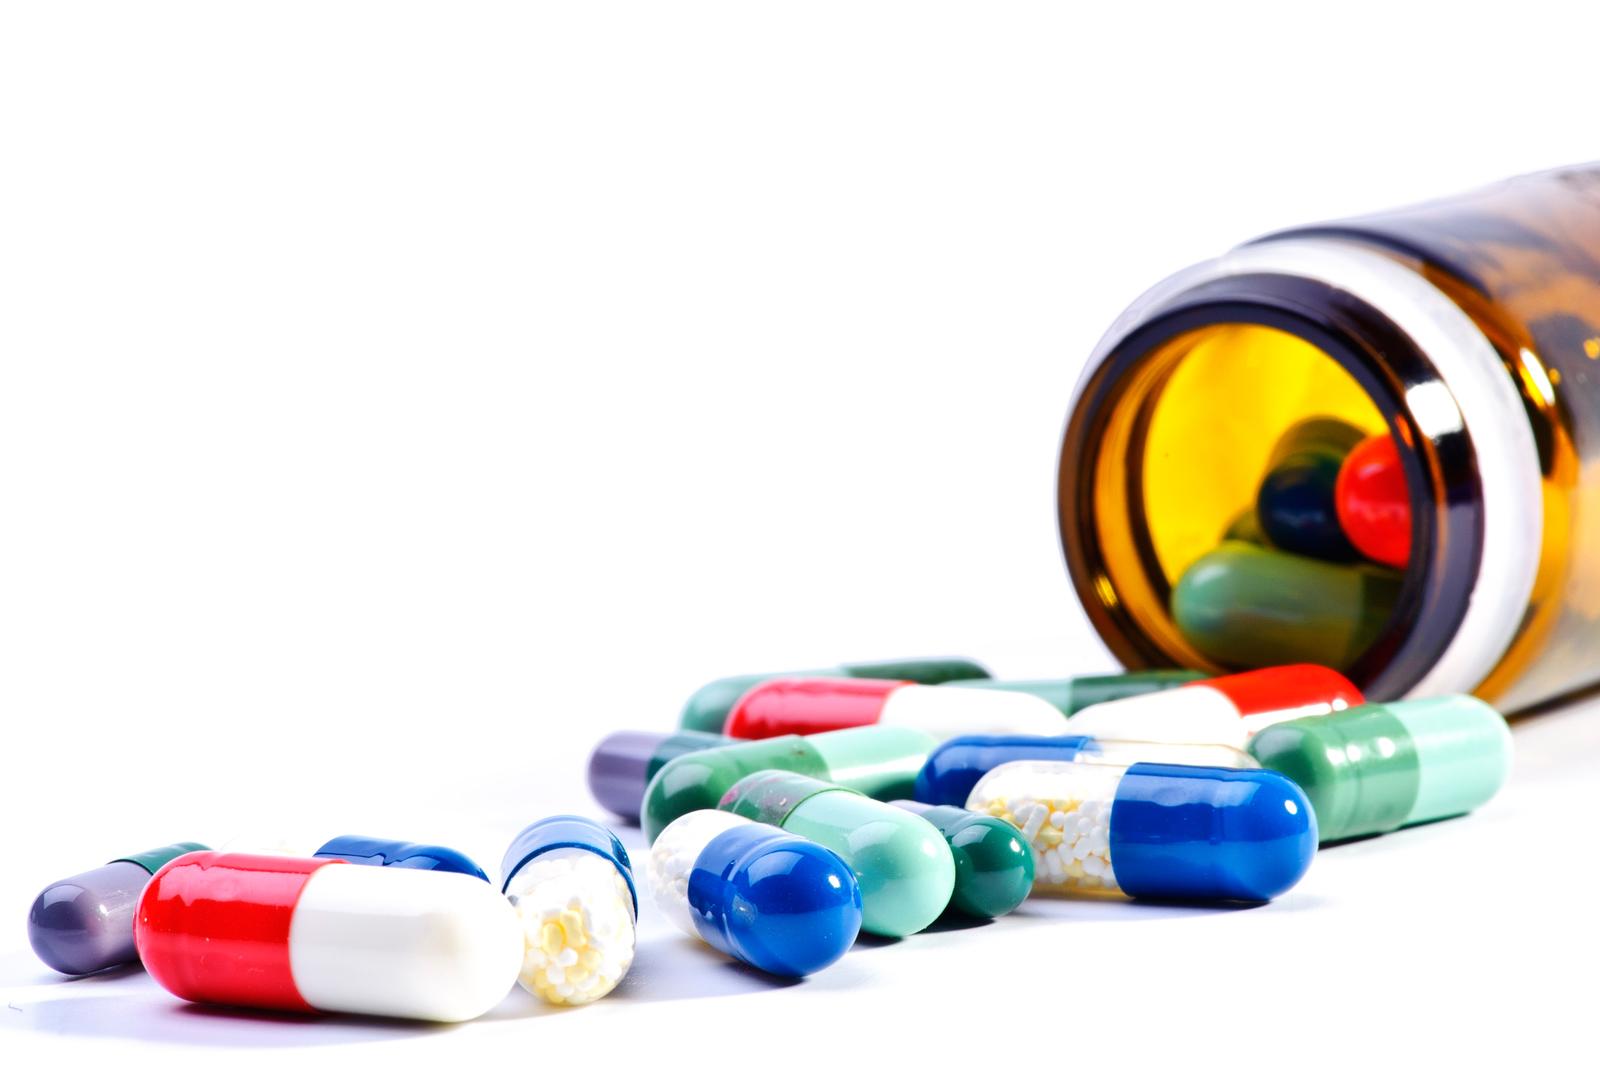 средства для похудения в аптеке эффективные недорогие мтс